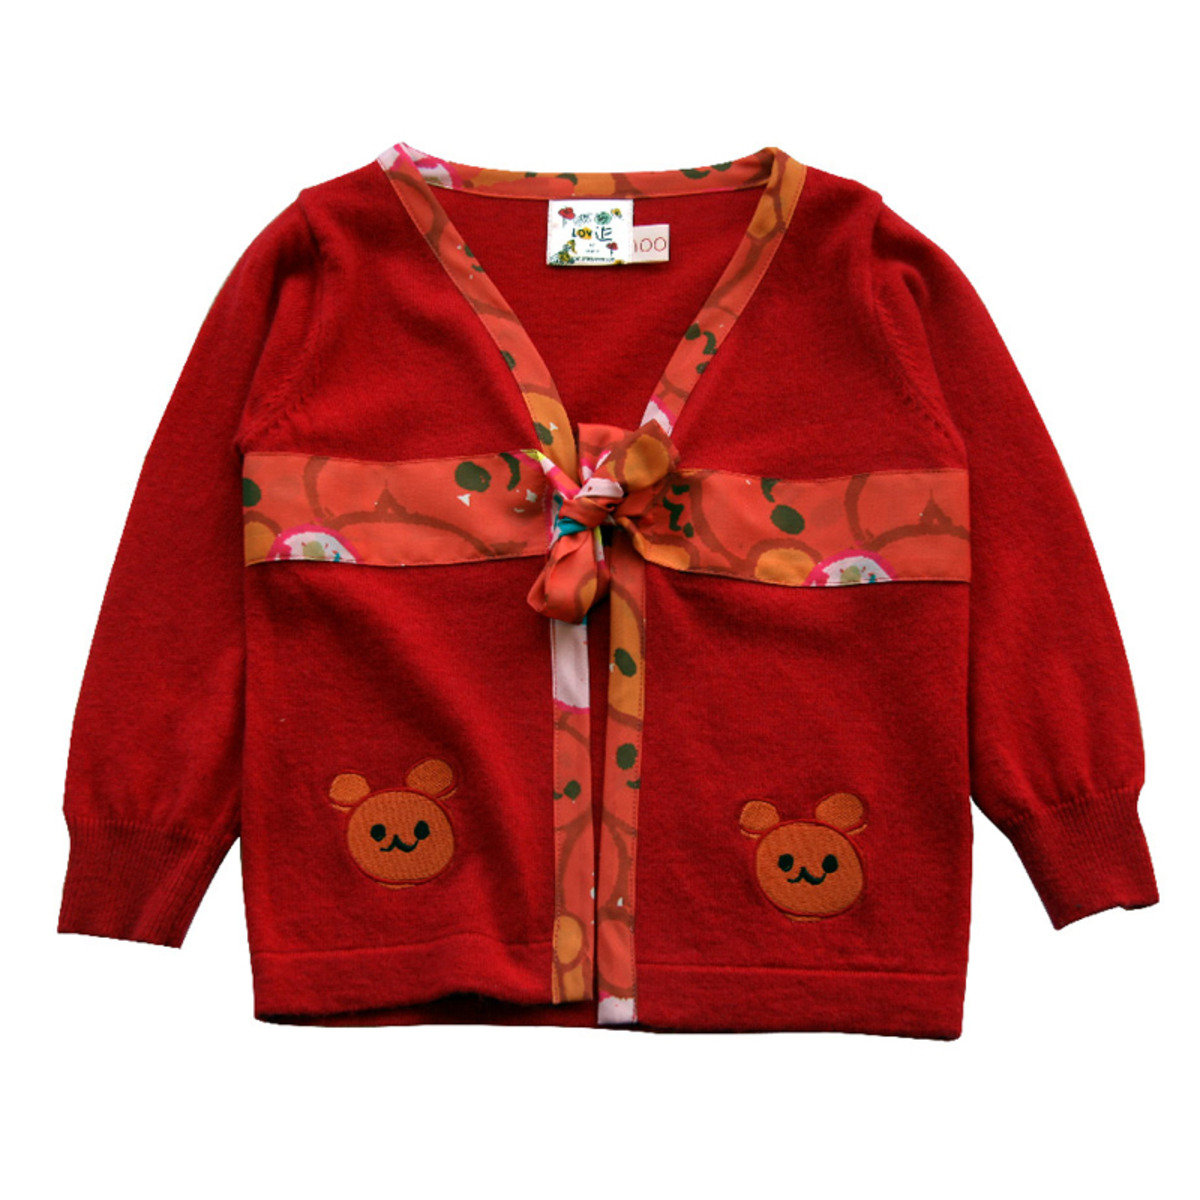 Lovie小熊絲帶毛衣(紅色)